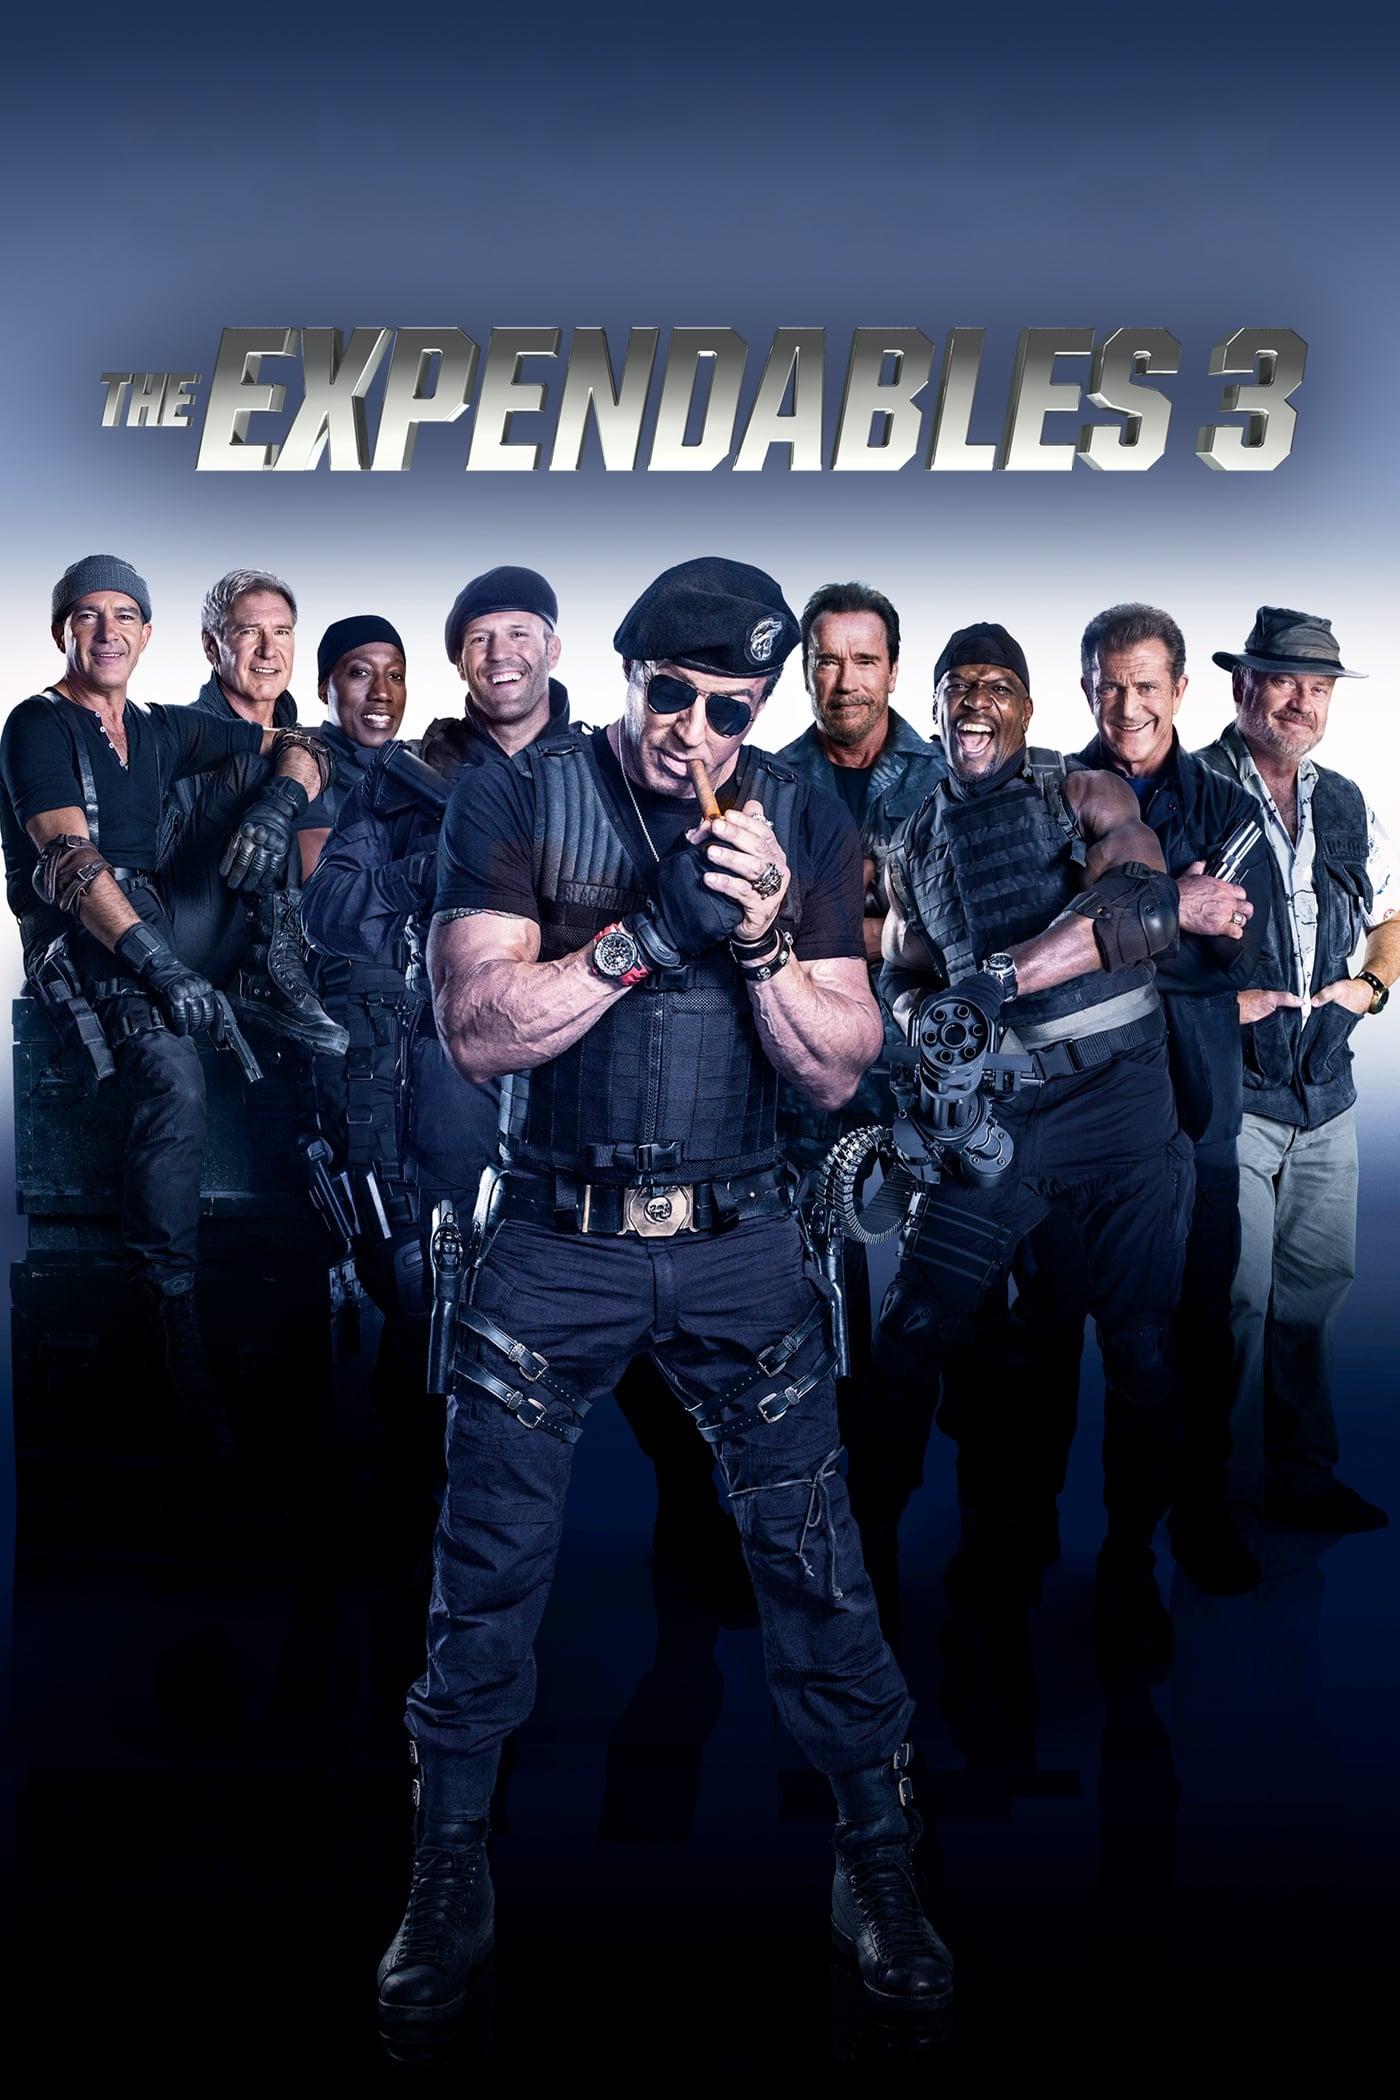 the expendables 3 2014 gratis films kijken met